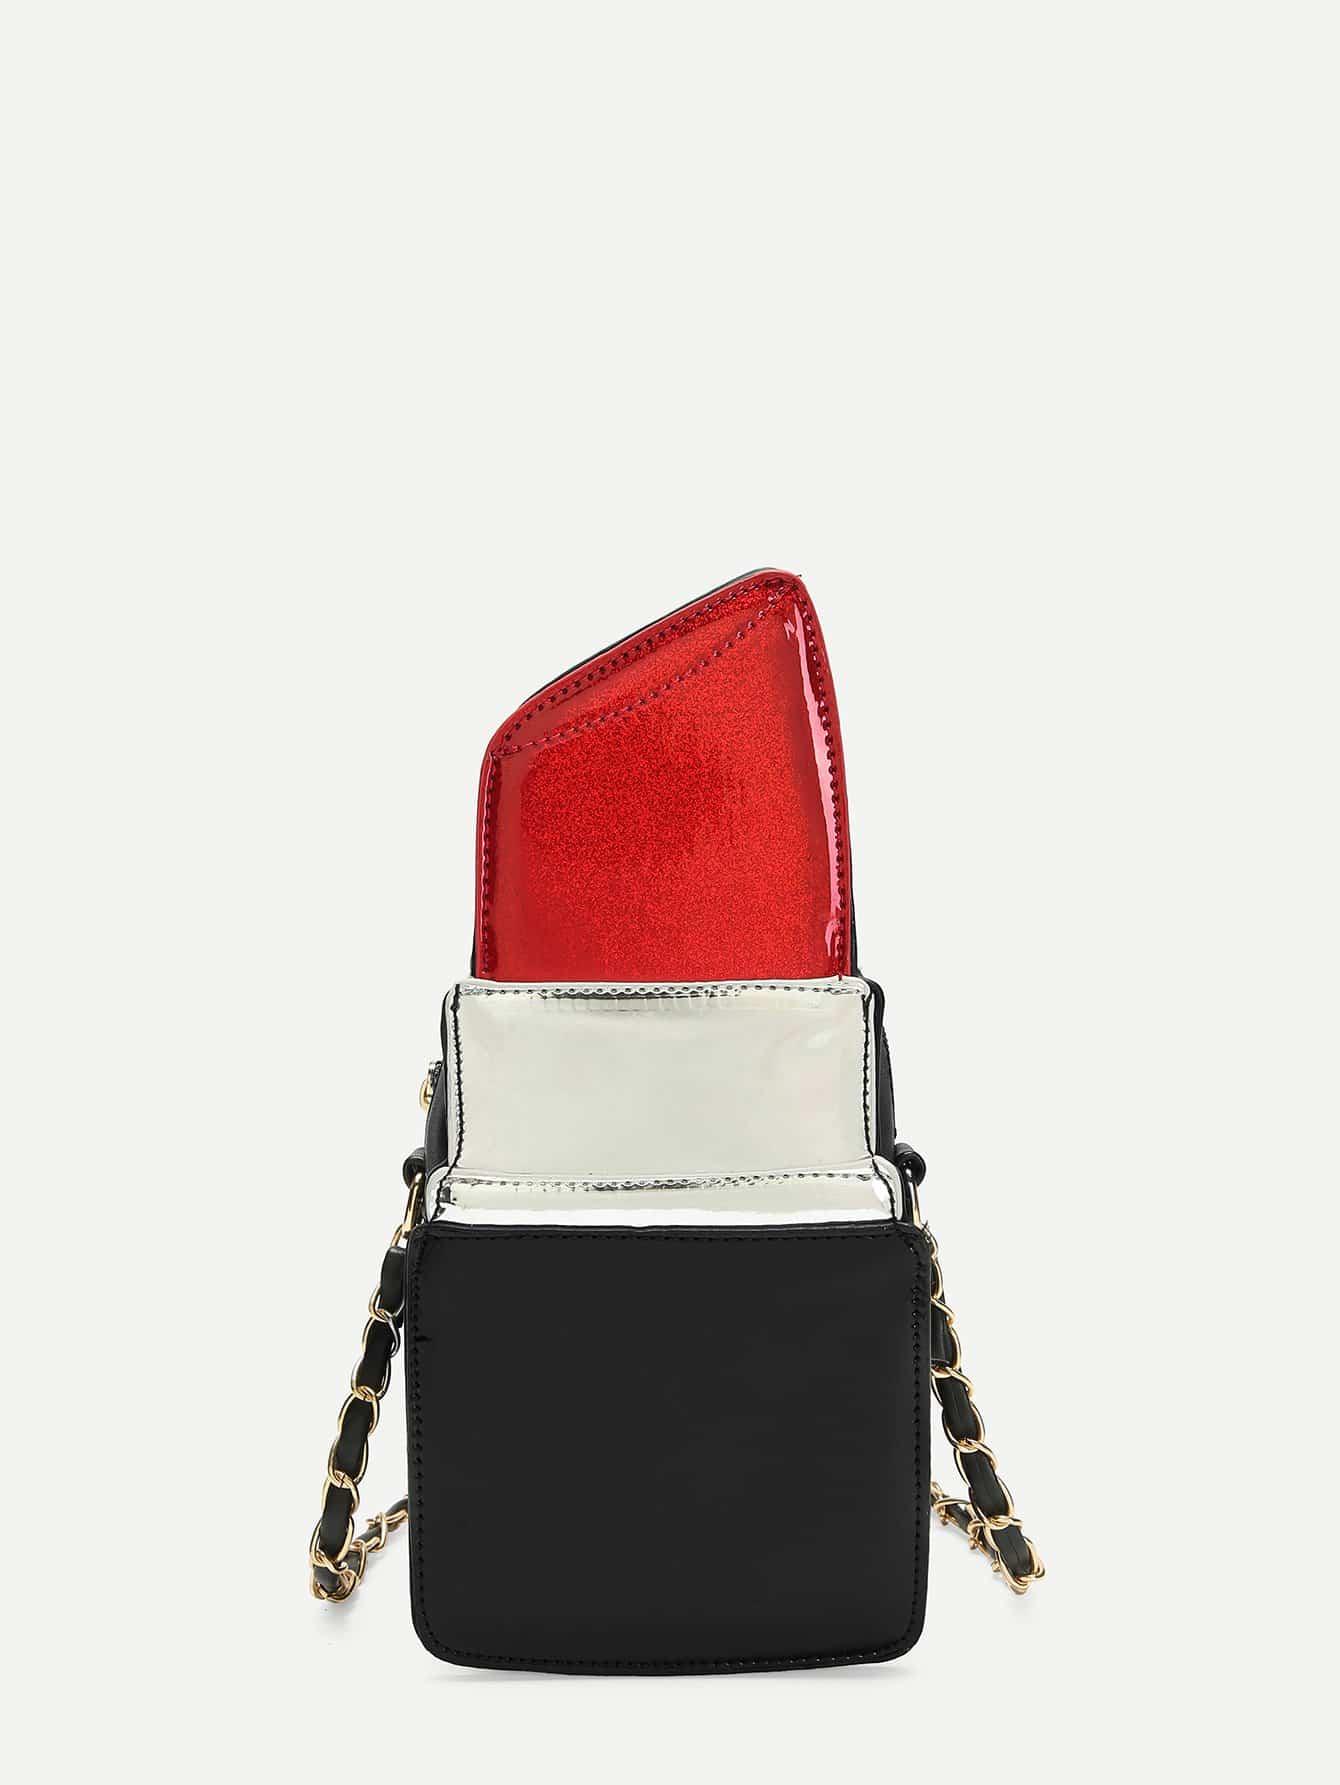 Rouge À Lèvres En Forme De Sac Bandoulière Sac De Chaîne